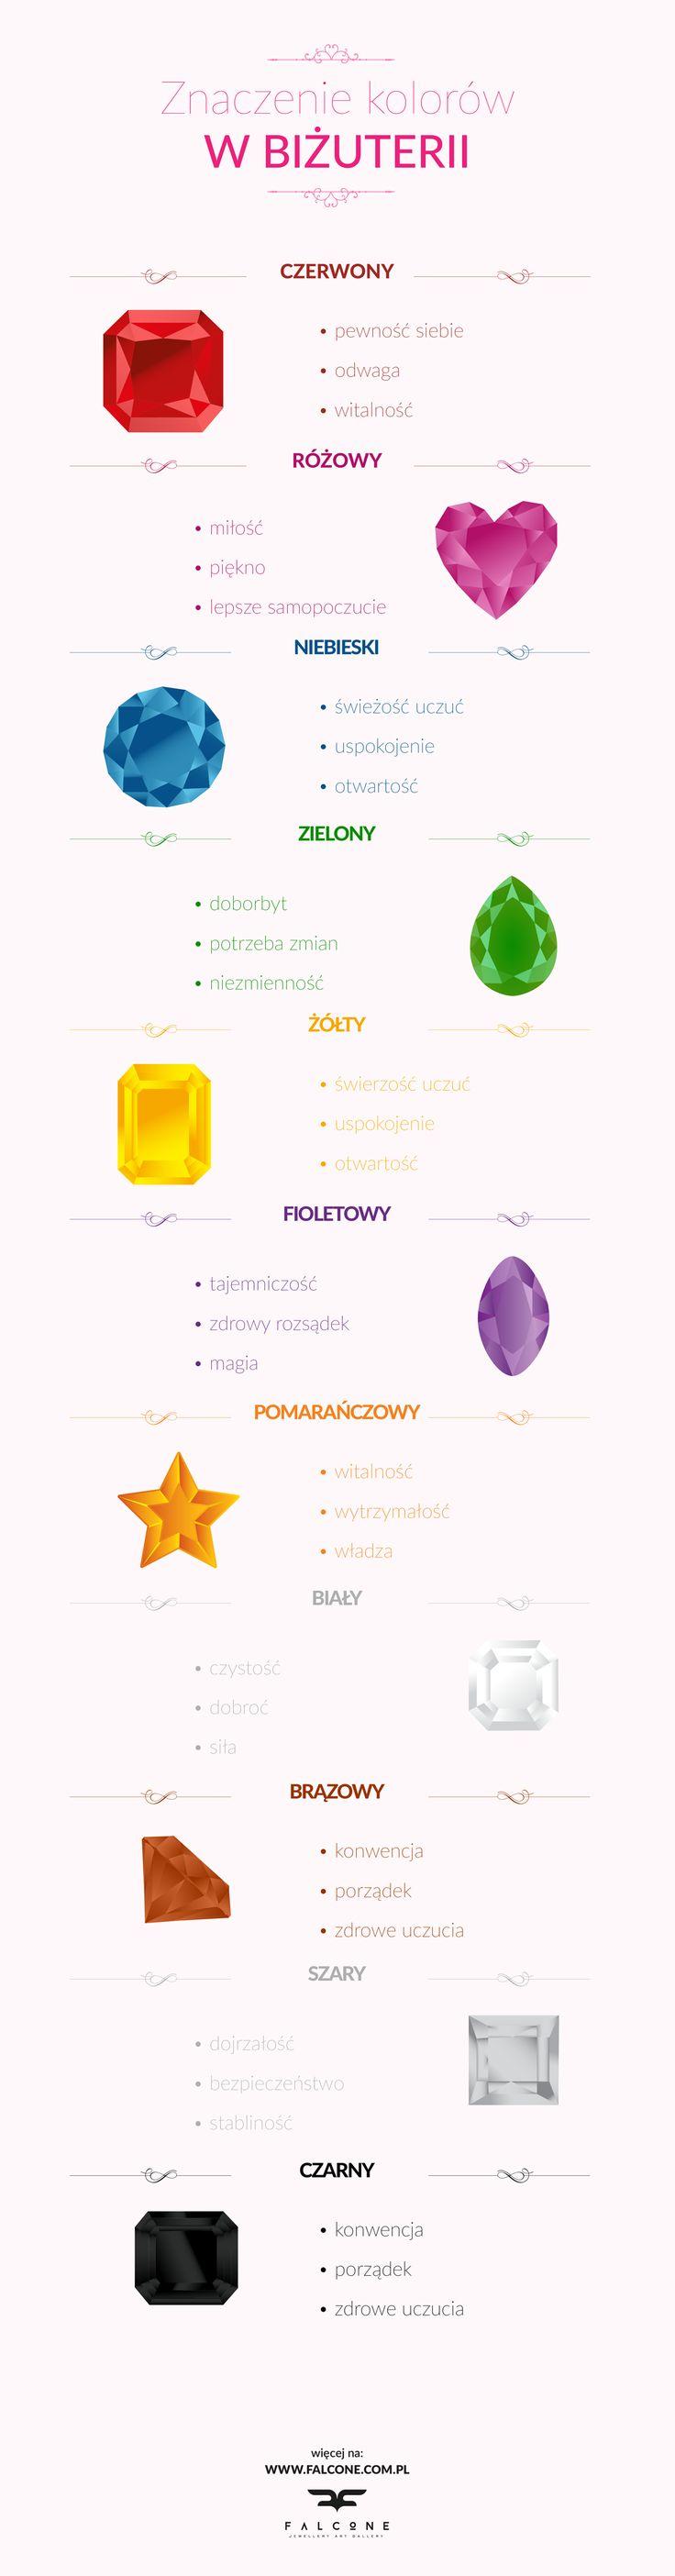 Znaczenie kolorów biżuterii.  #bizuteria #handmade